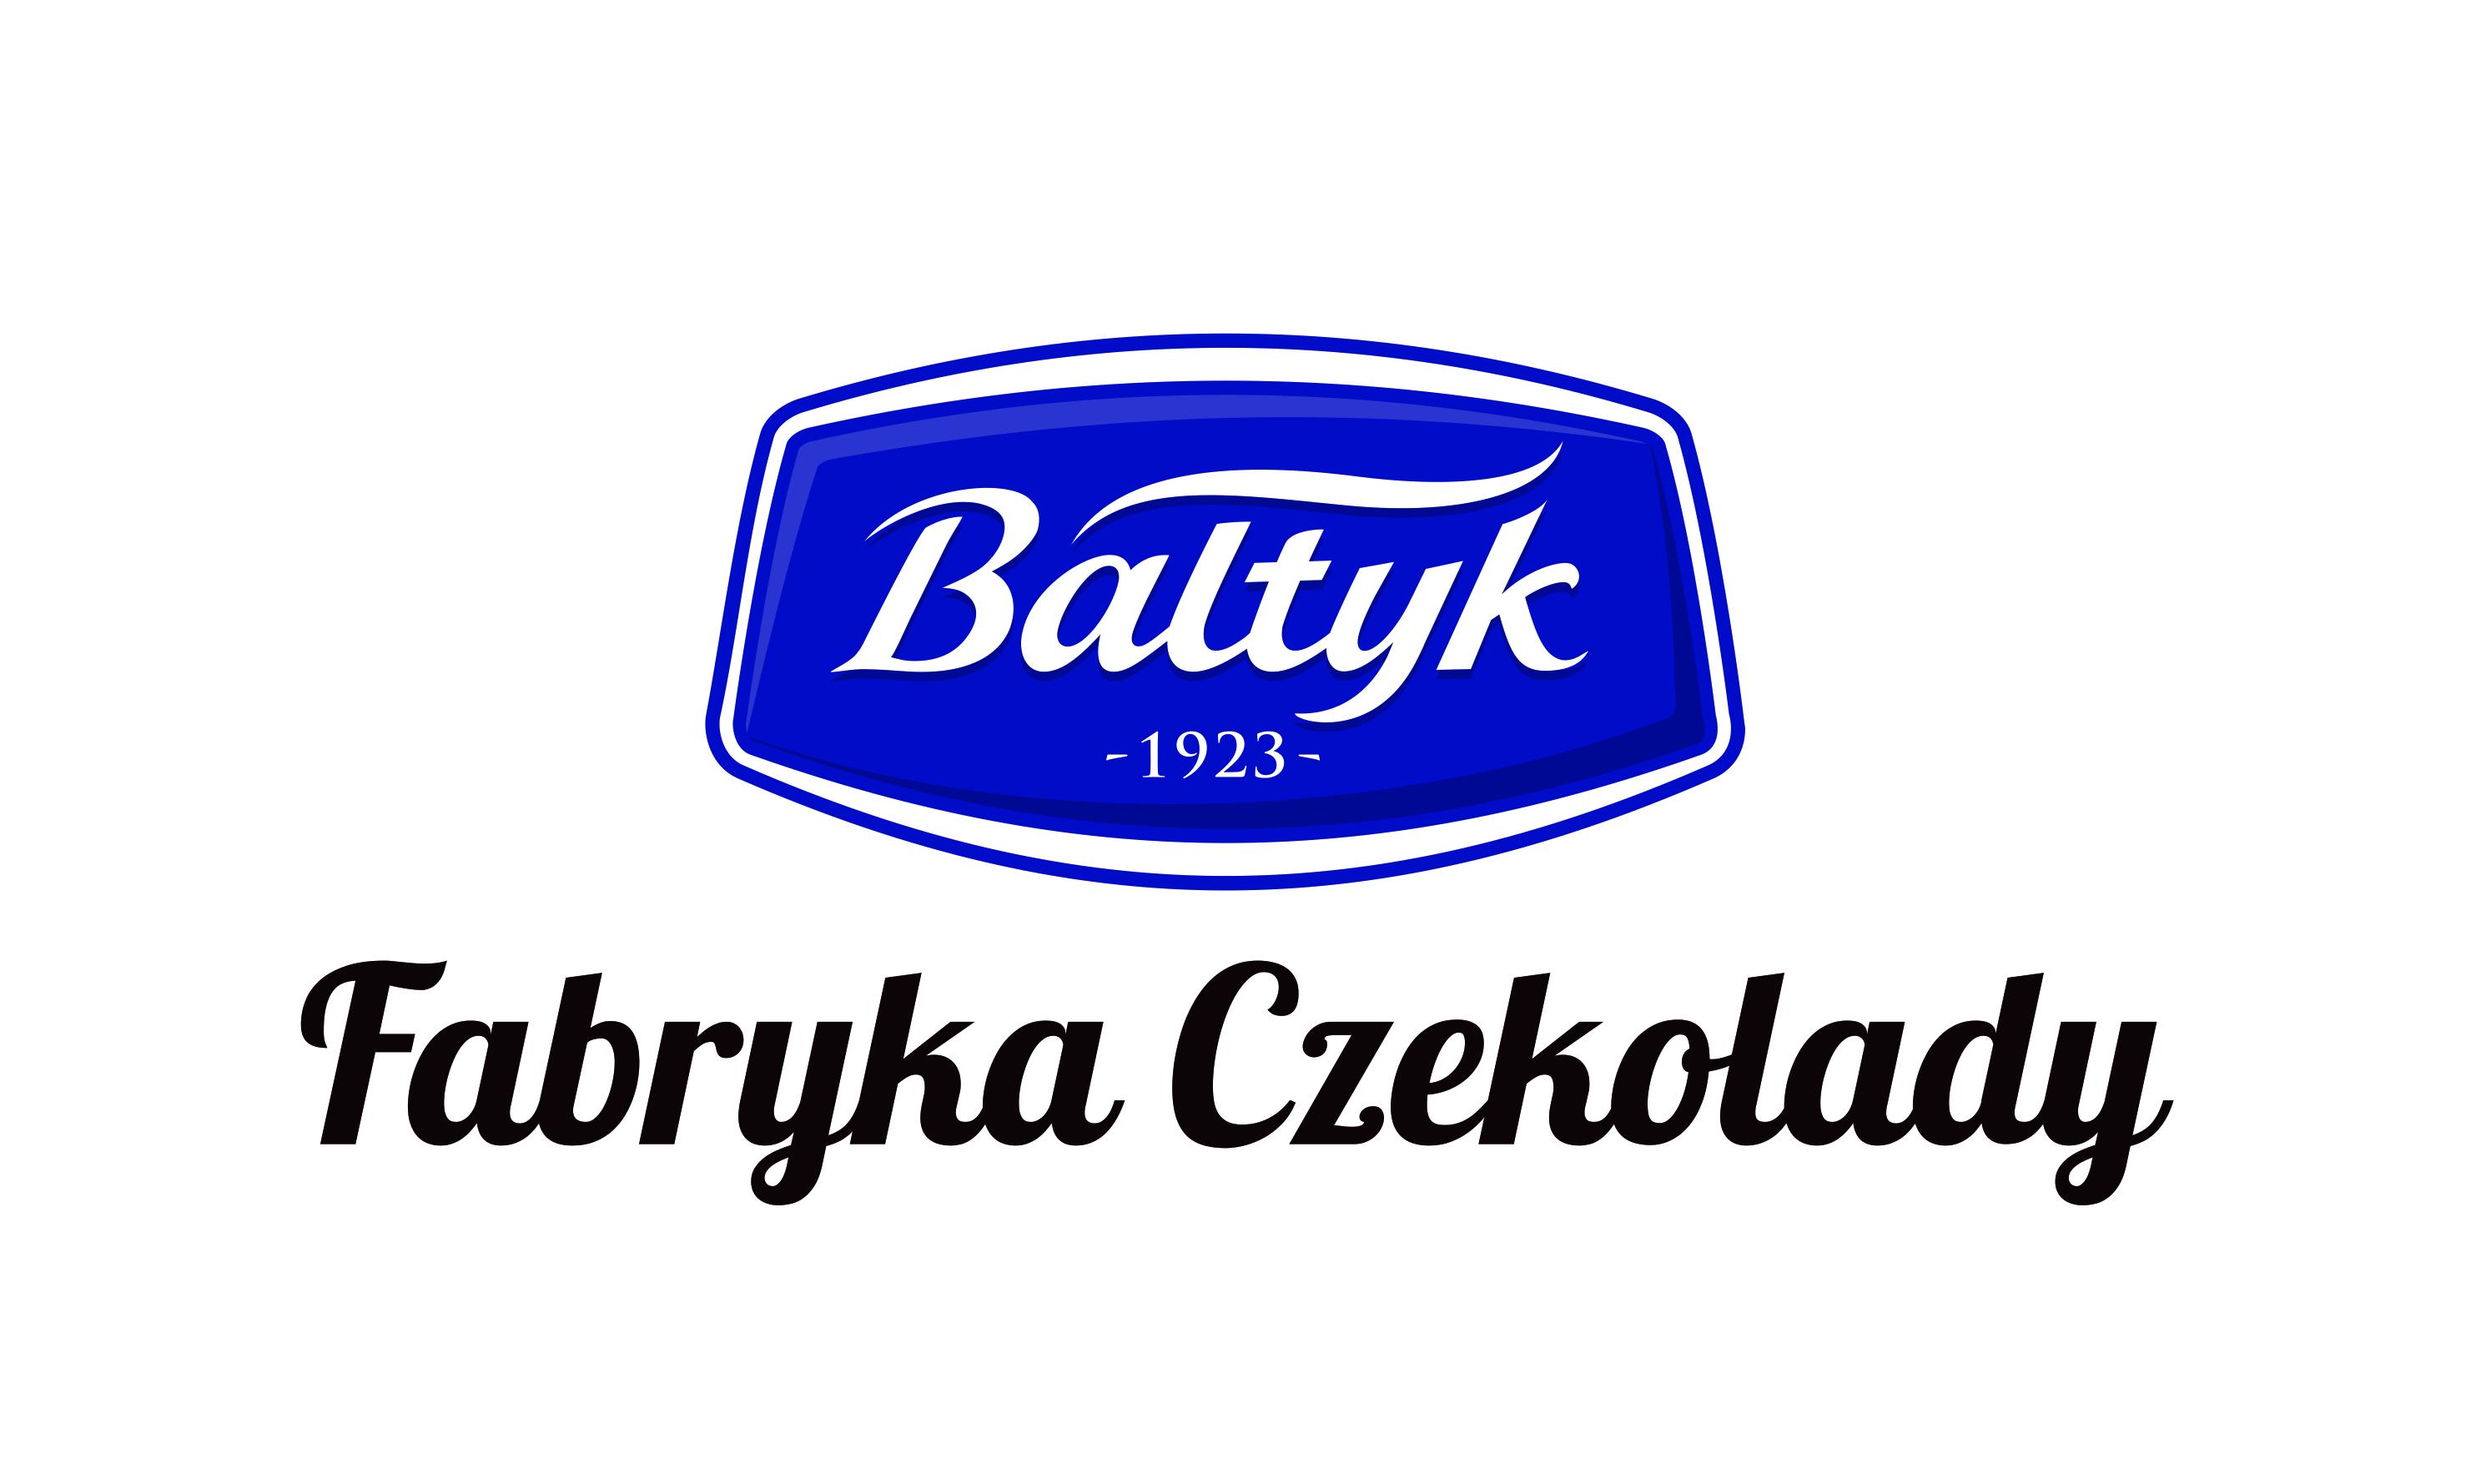 Bałtyk Шоколадная Фабрика